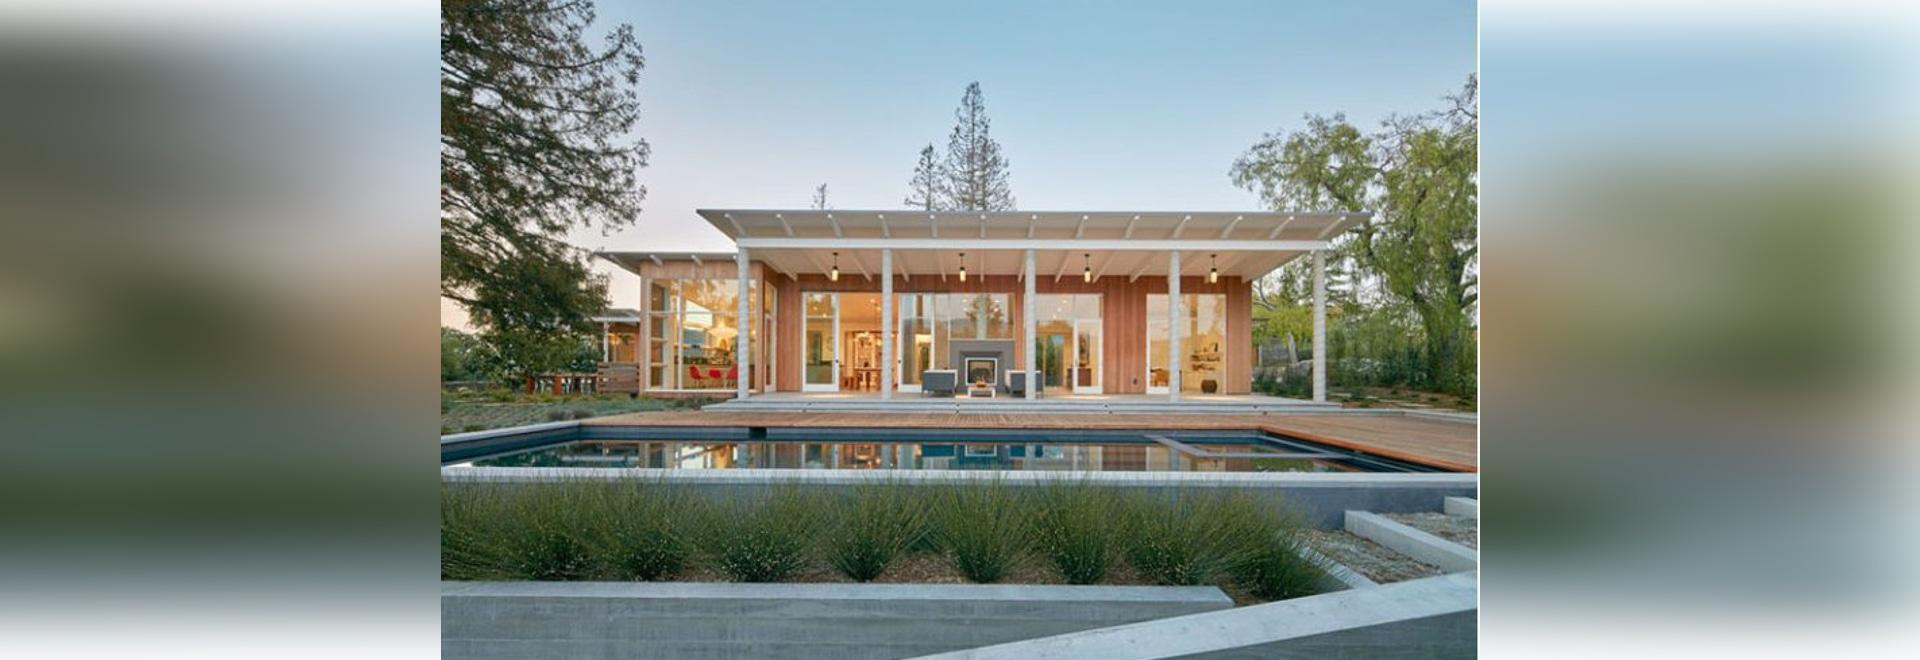 Cette Maison Moderne Plaquée Et Inclinée En Bois De Toit A été